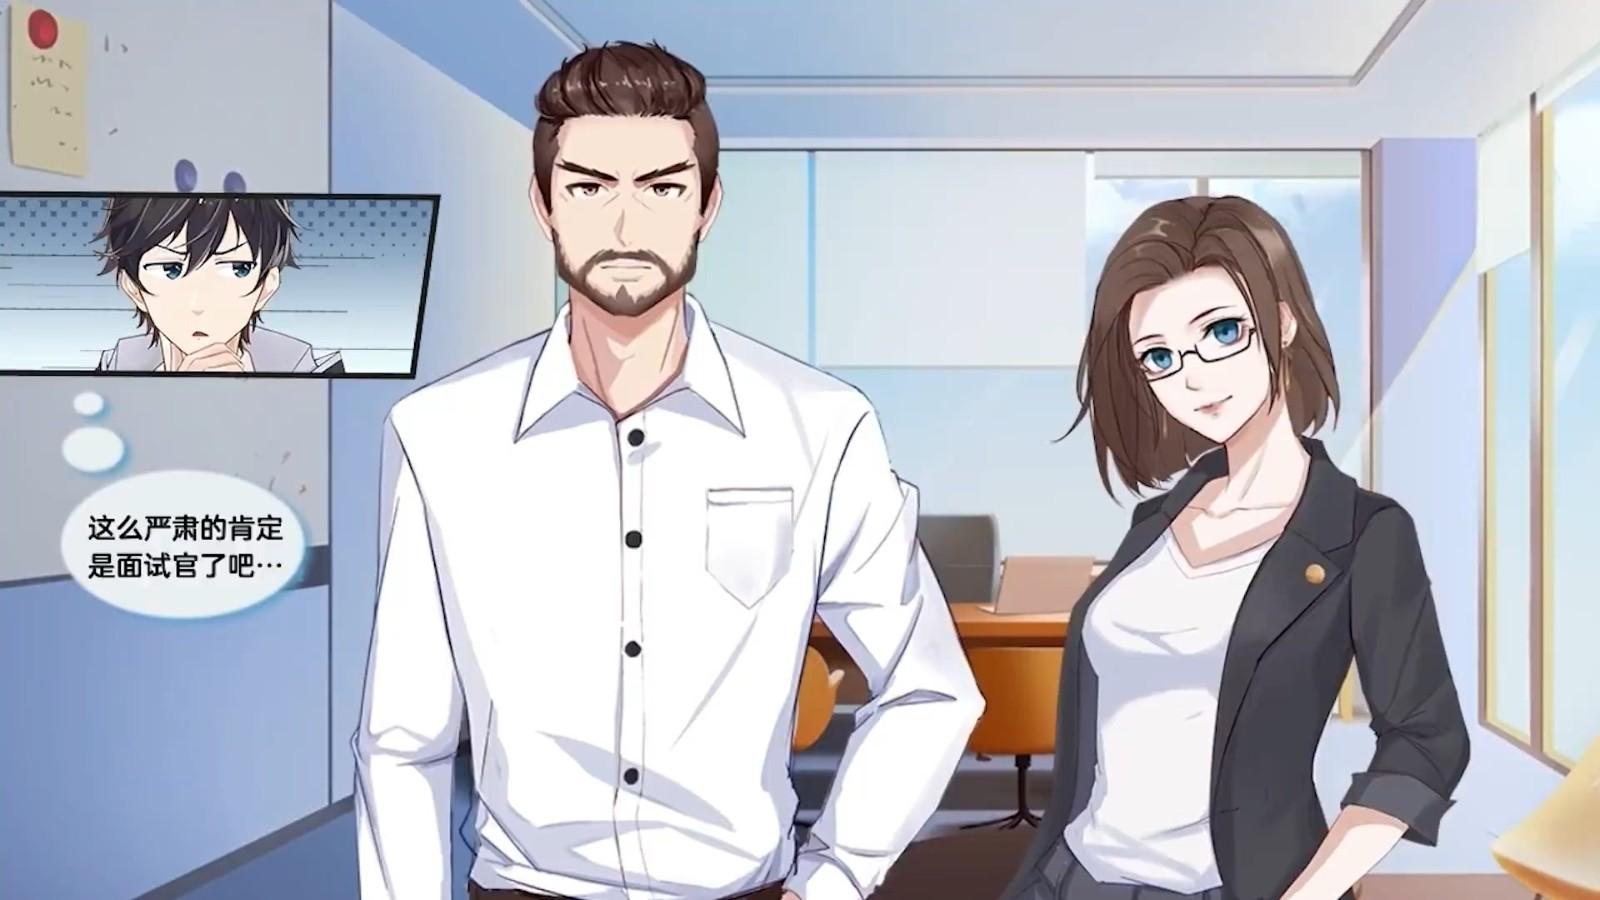 高能电玩节:国产游戏《职场浮生记》最新宣传片插图3